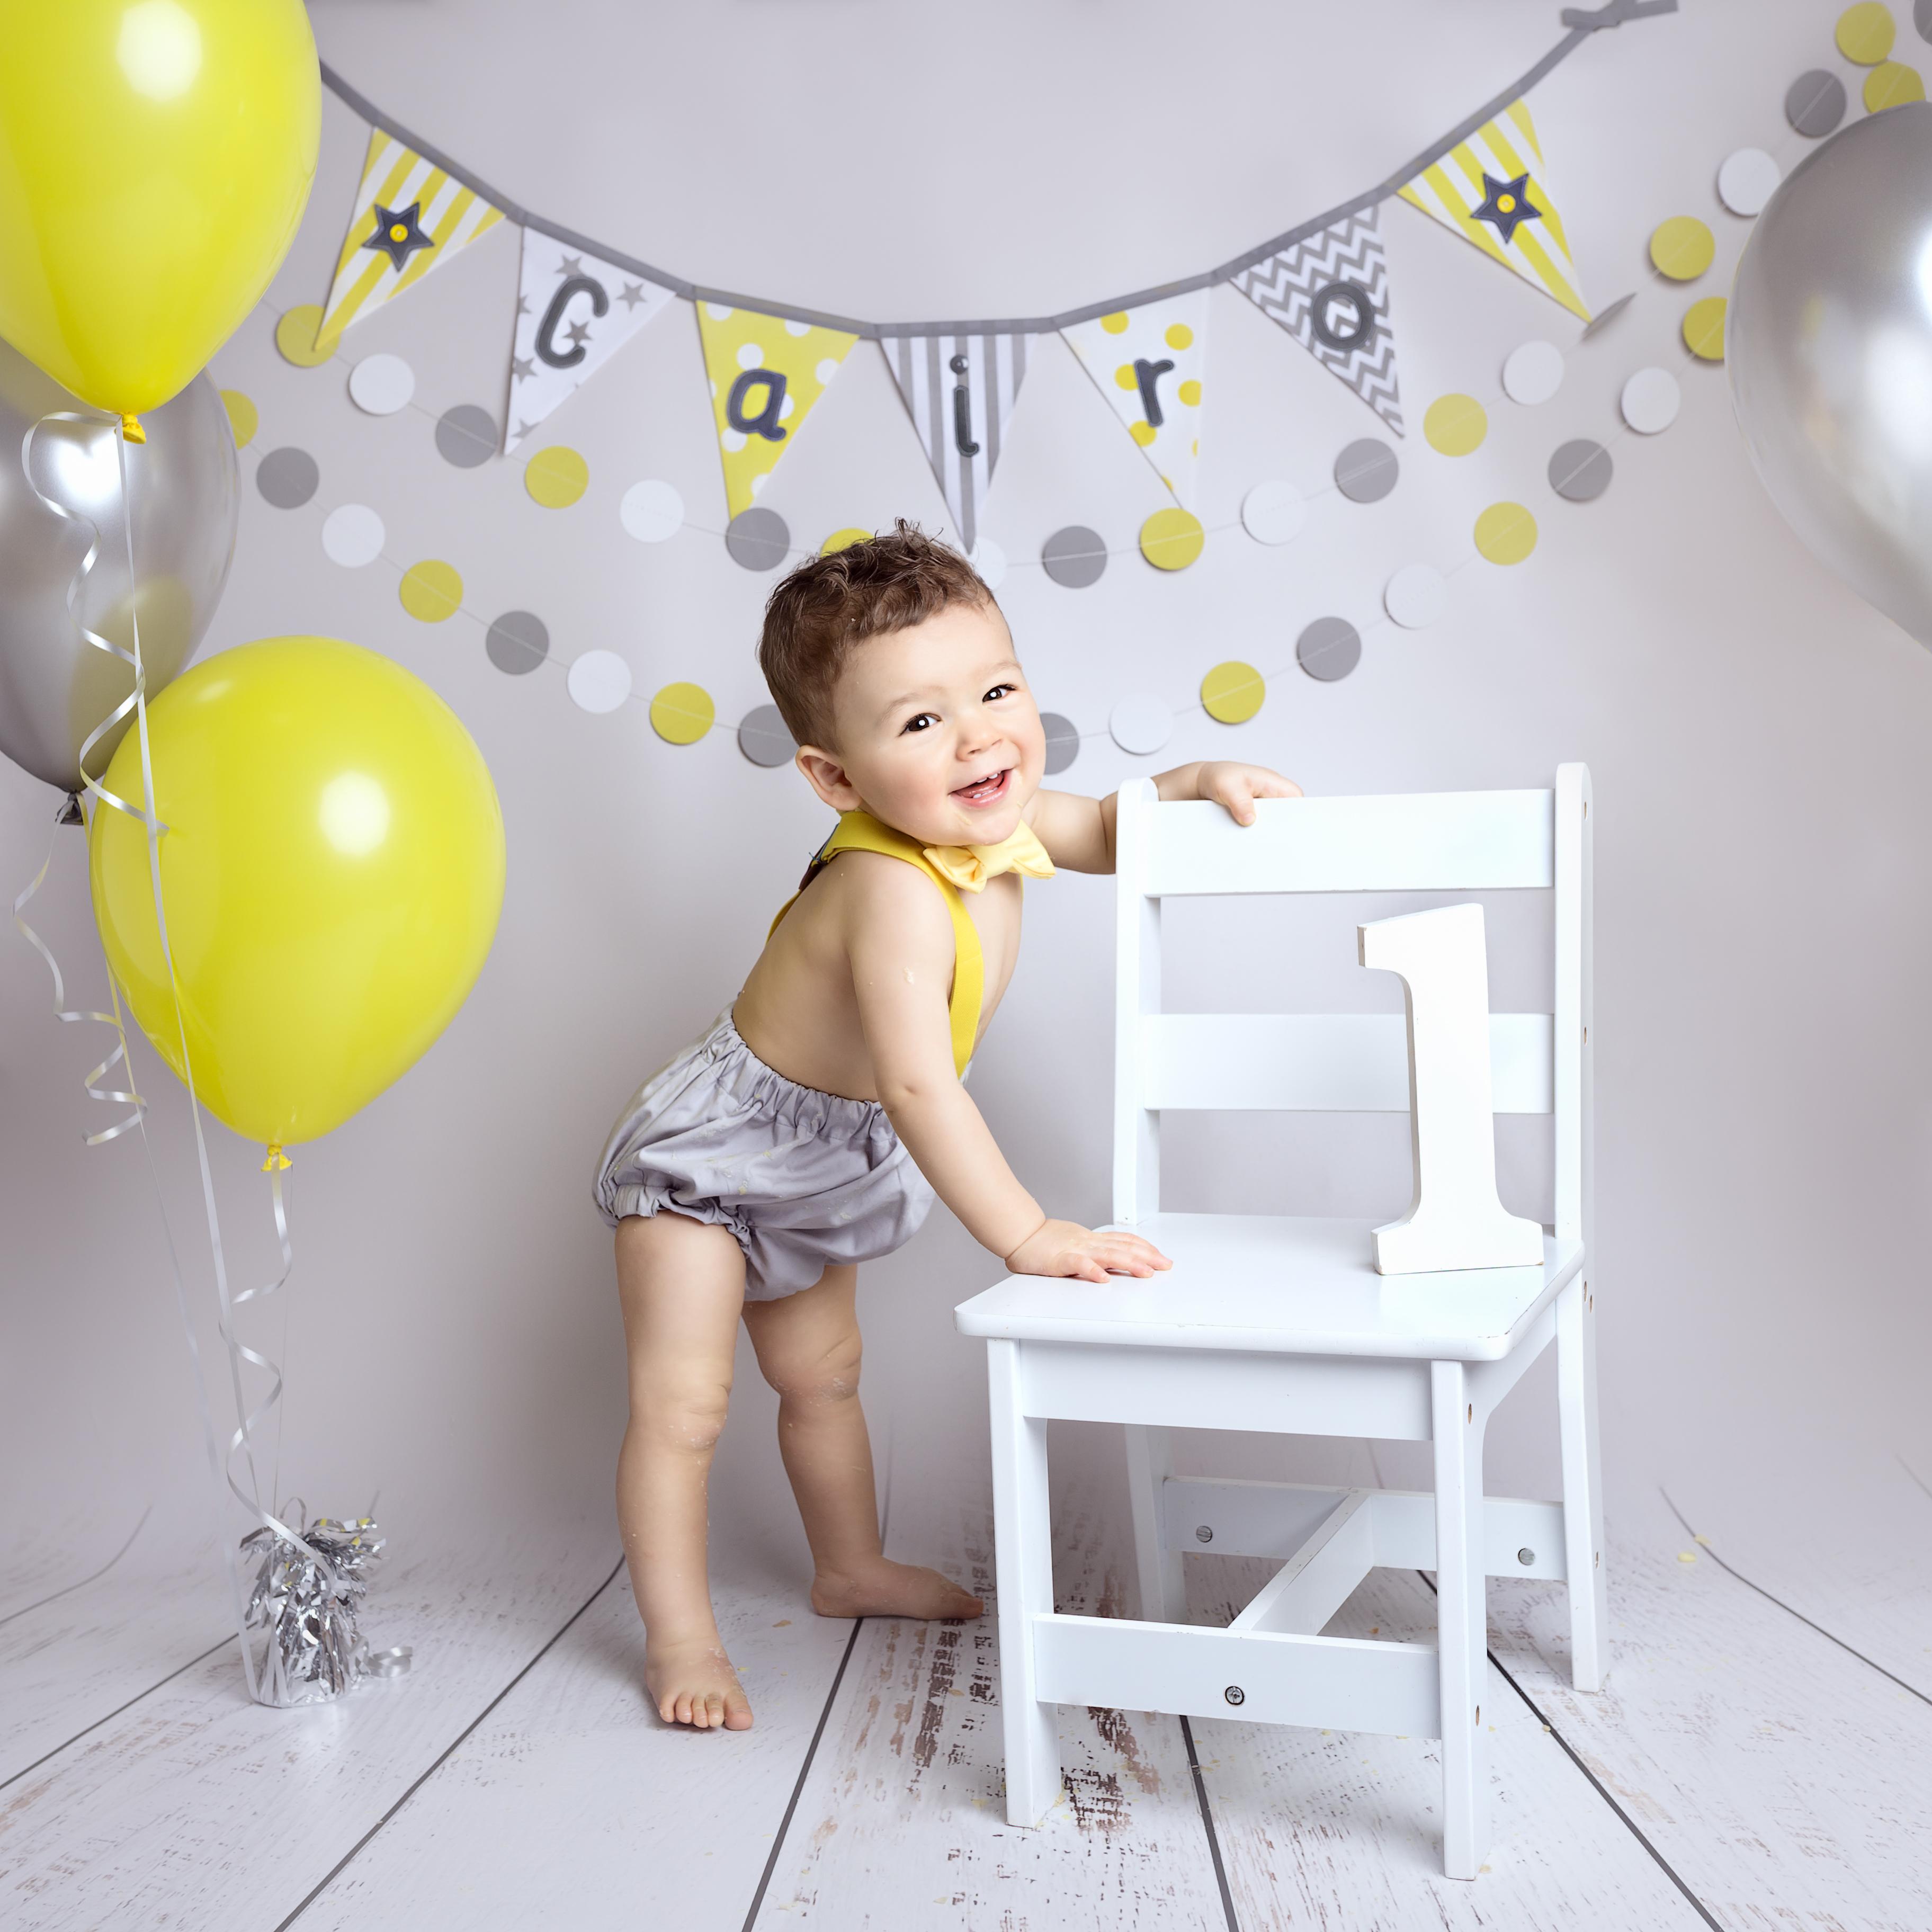 boys 1st birthday cake smash photoshoot